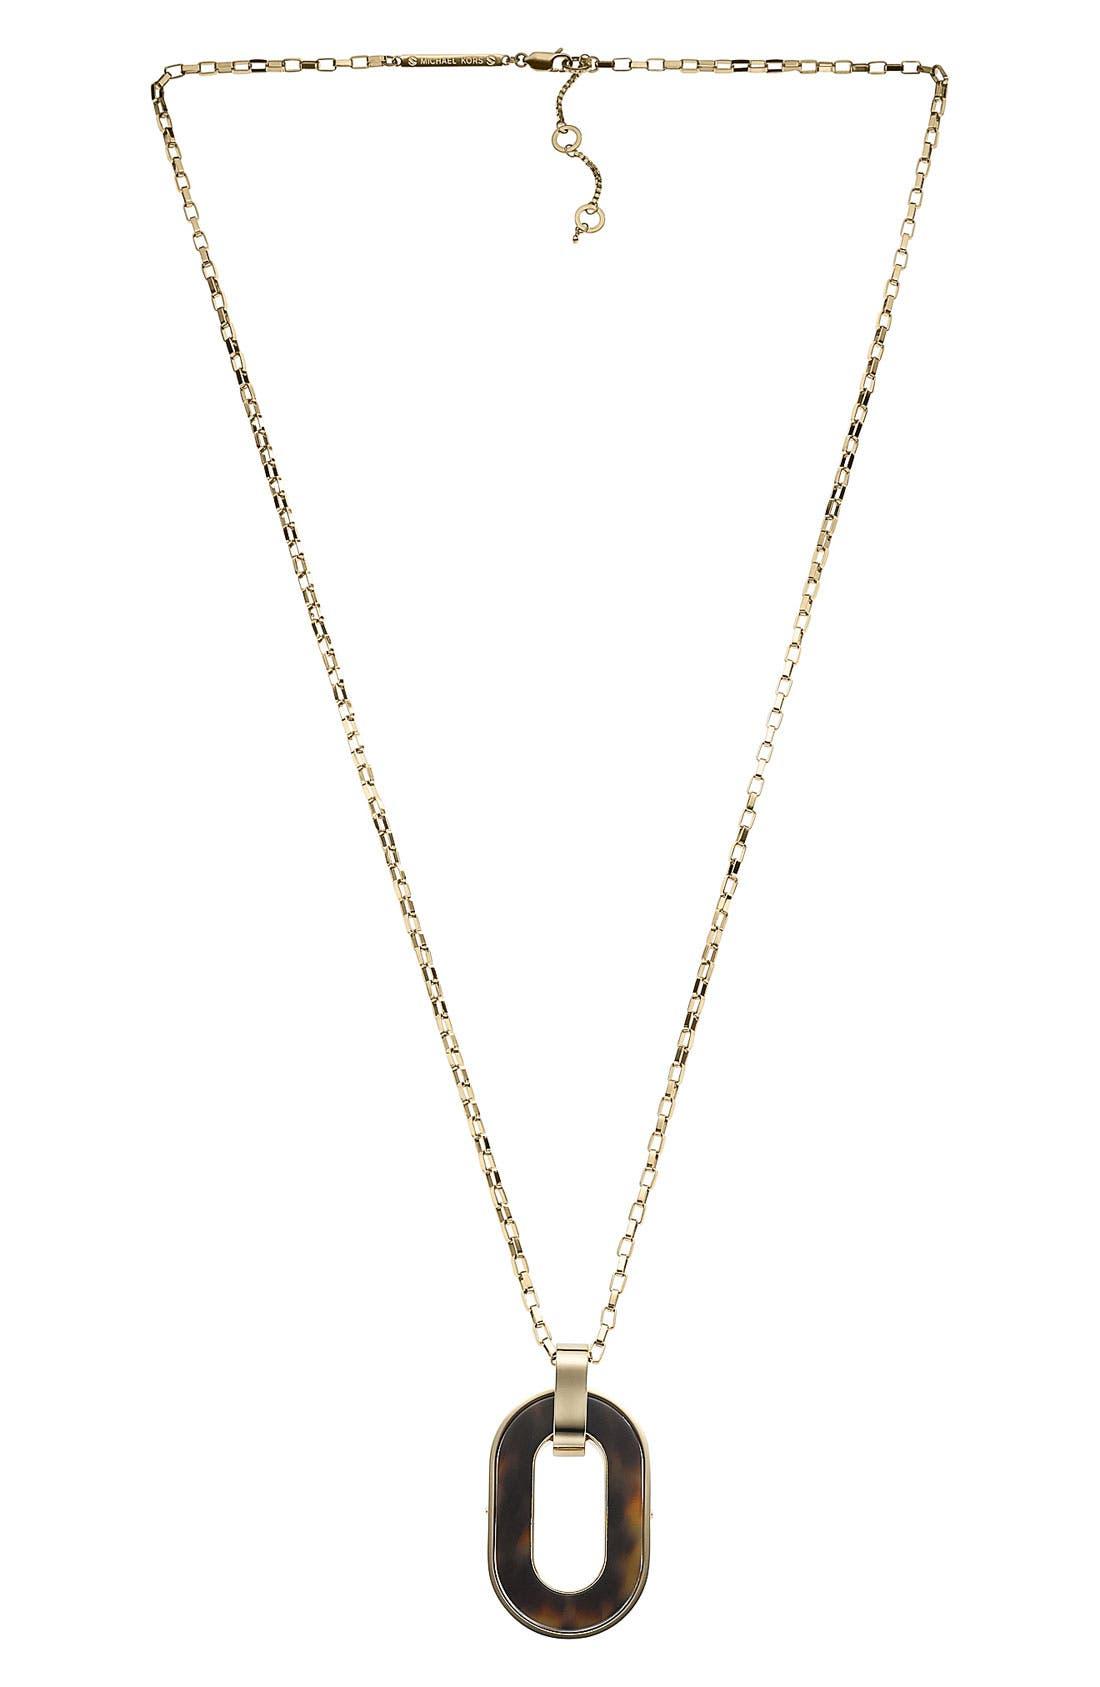 Main Image - Michael Kors 'Jet Set' Long Pendant Necklace